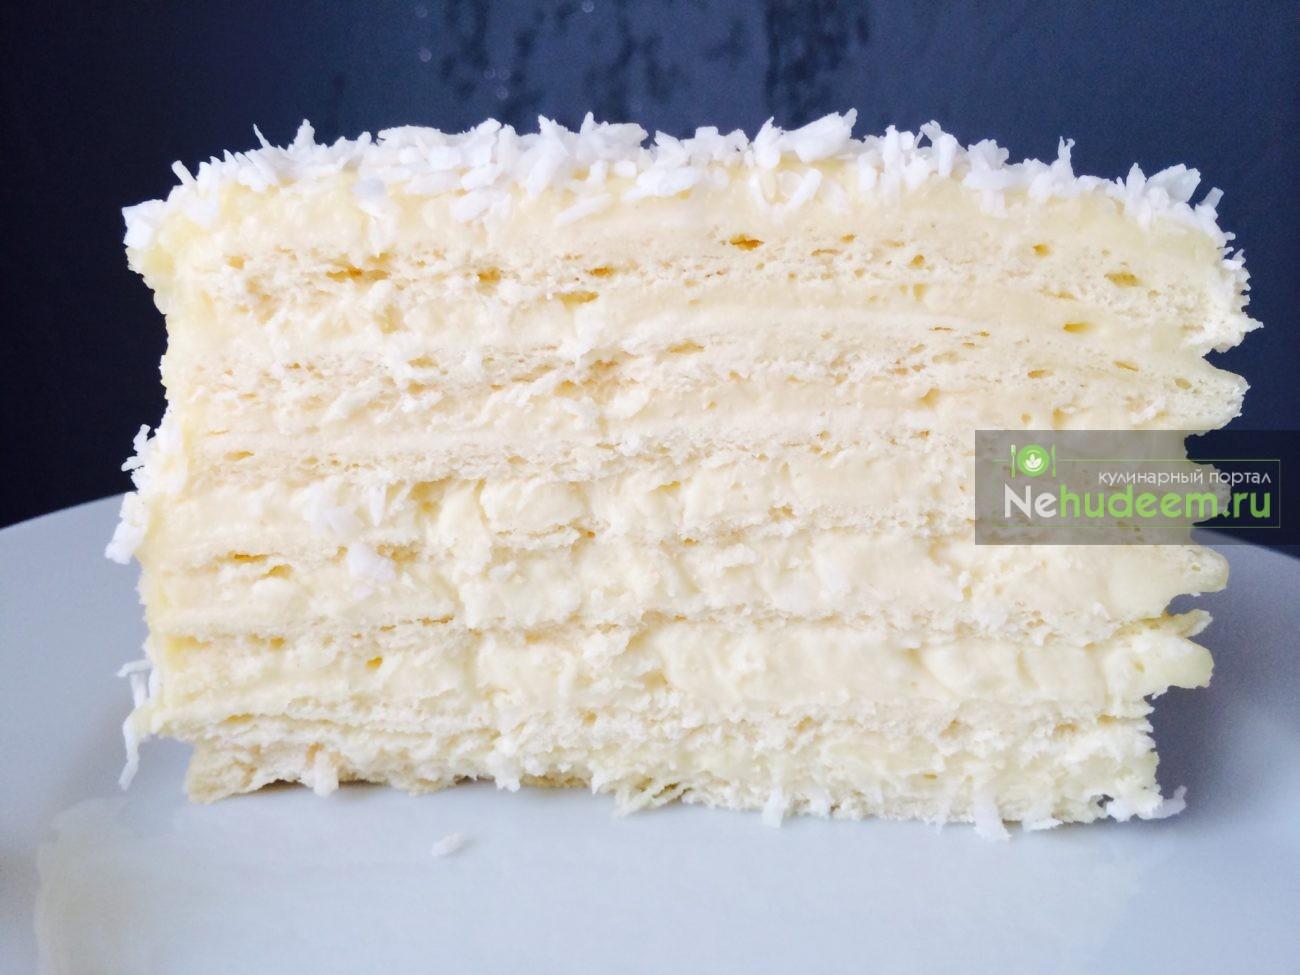 Кокосовый крем для торта пошагово с